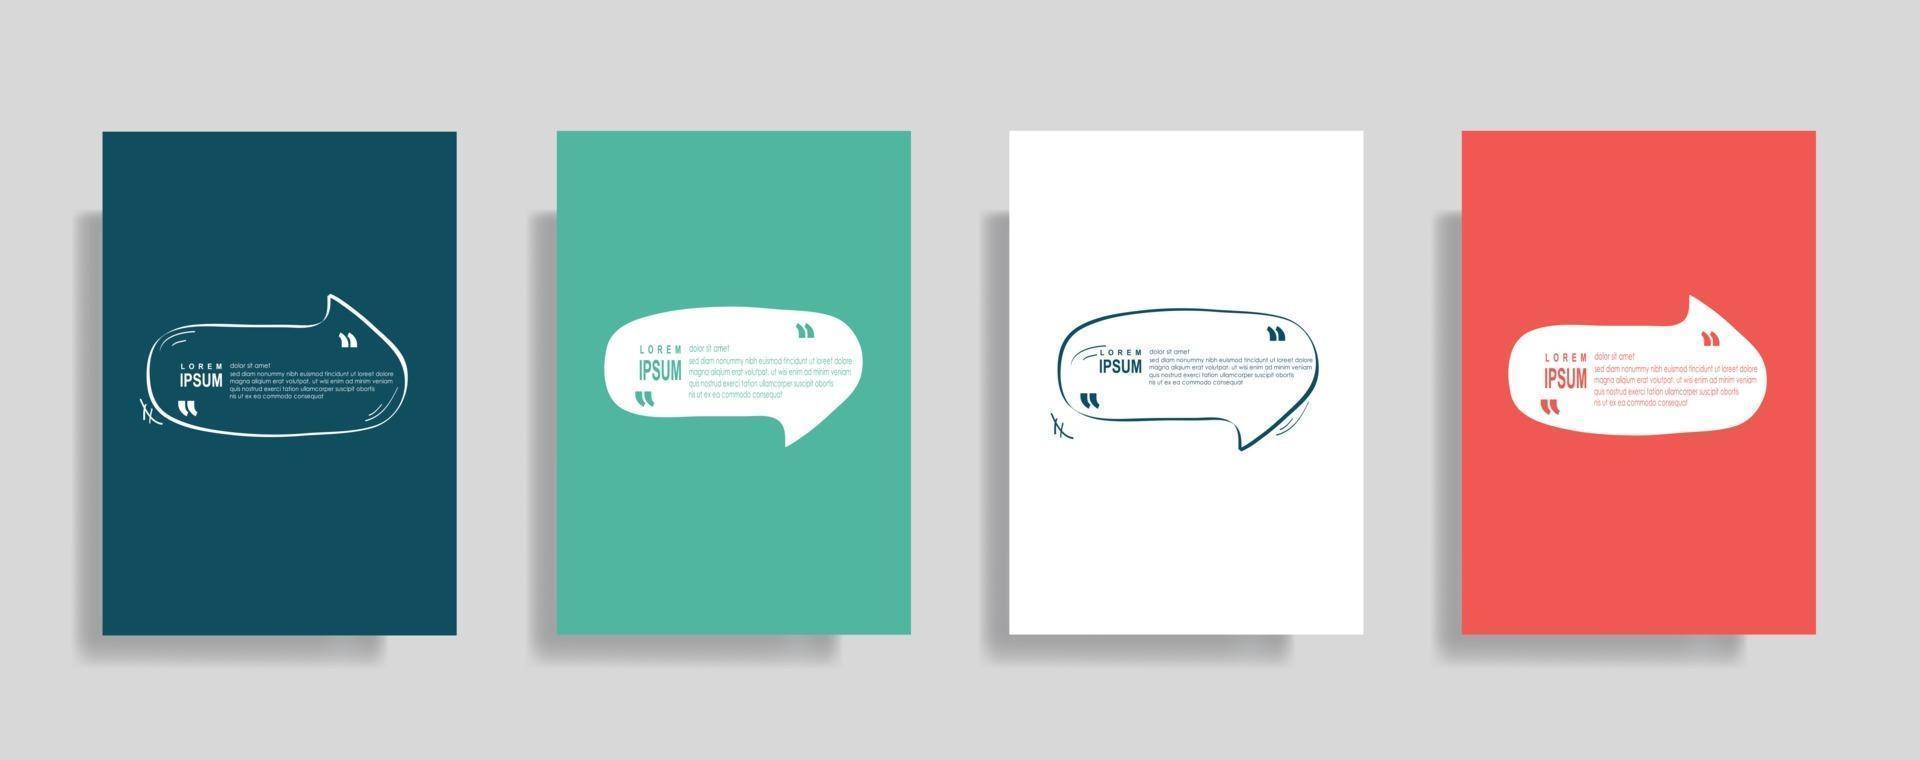 cite ensemble de modèles vierges de cadre, texte entre parenthèses, citation de bulles vides. texte bos isolé sur fond de couleur. vecteur